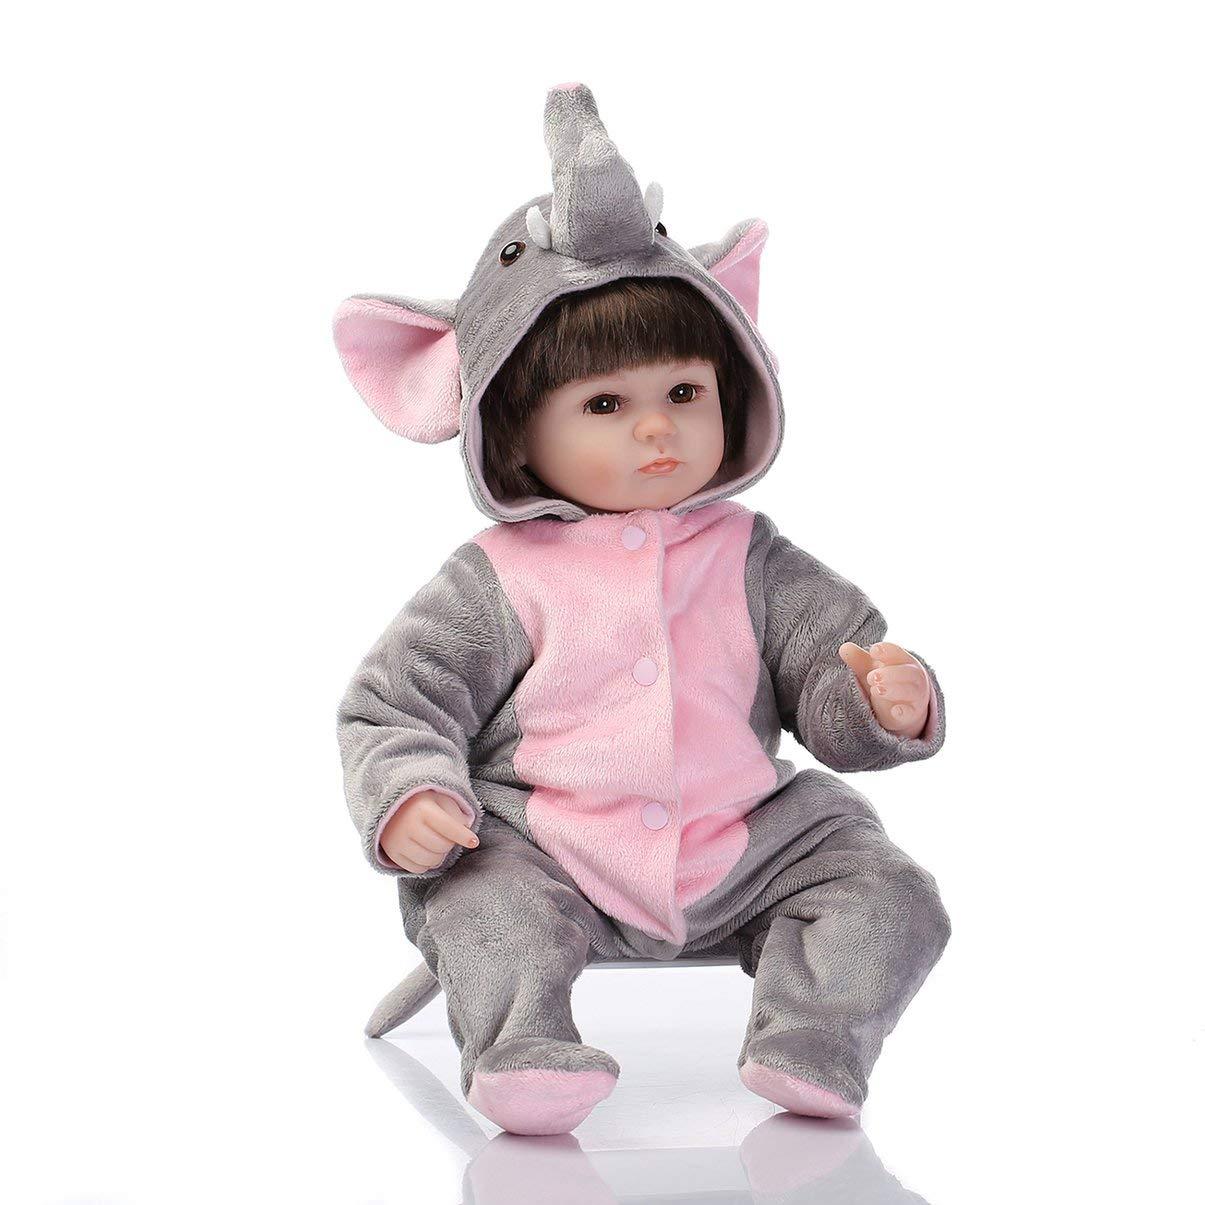 JullyeleDEgant Schöne Nette Elefanten Reborn Reborn Reborn Babypuppen DIY Spielzeug Ganzkörper Realistische Silikon Babies Puppe Touch Weiche Früherziehung Spielzeug 0ea2a5